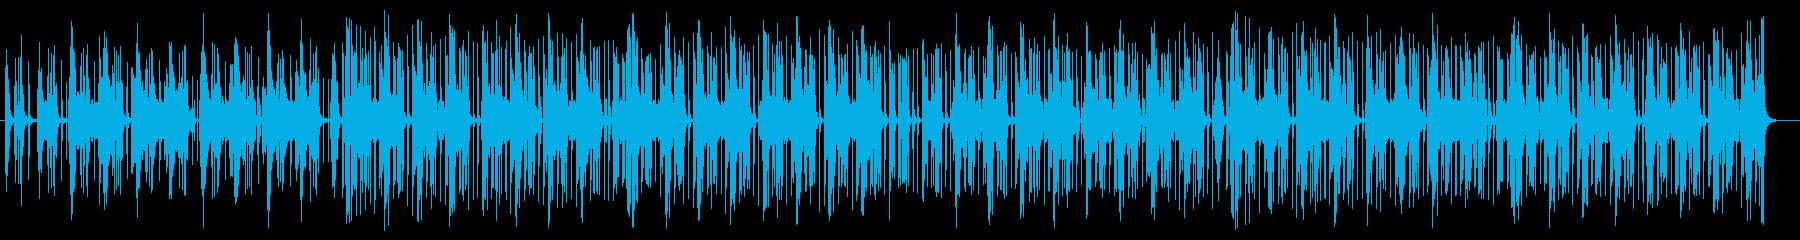 ミディアムテンポなシンセサイザー曲の再生済みの波形